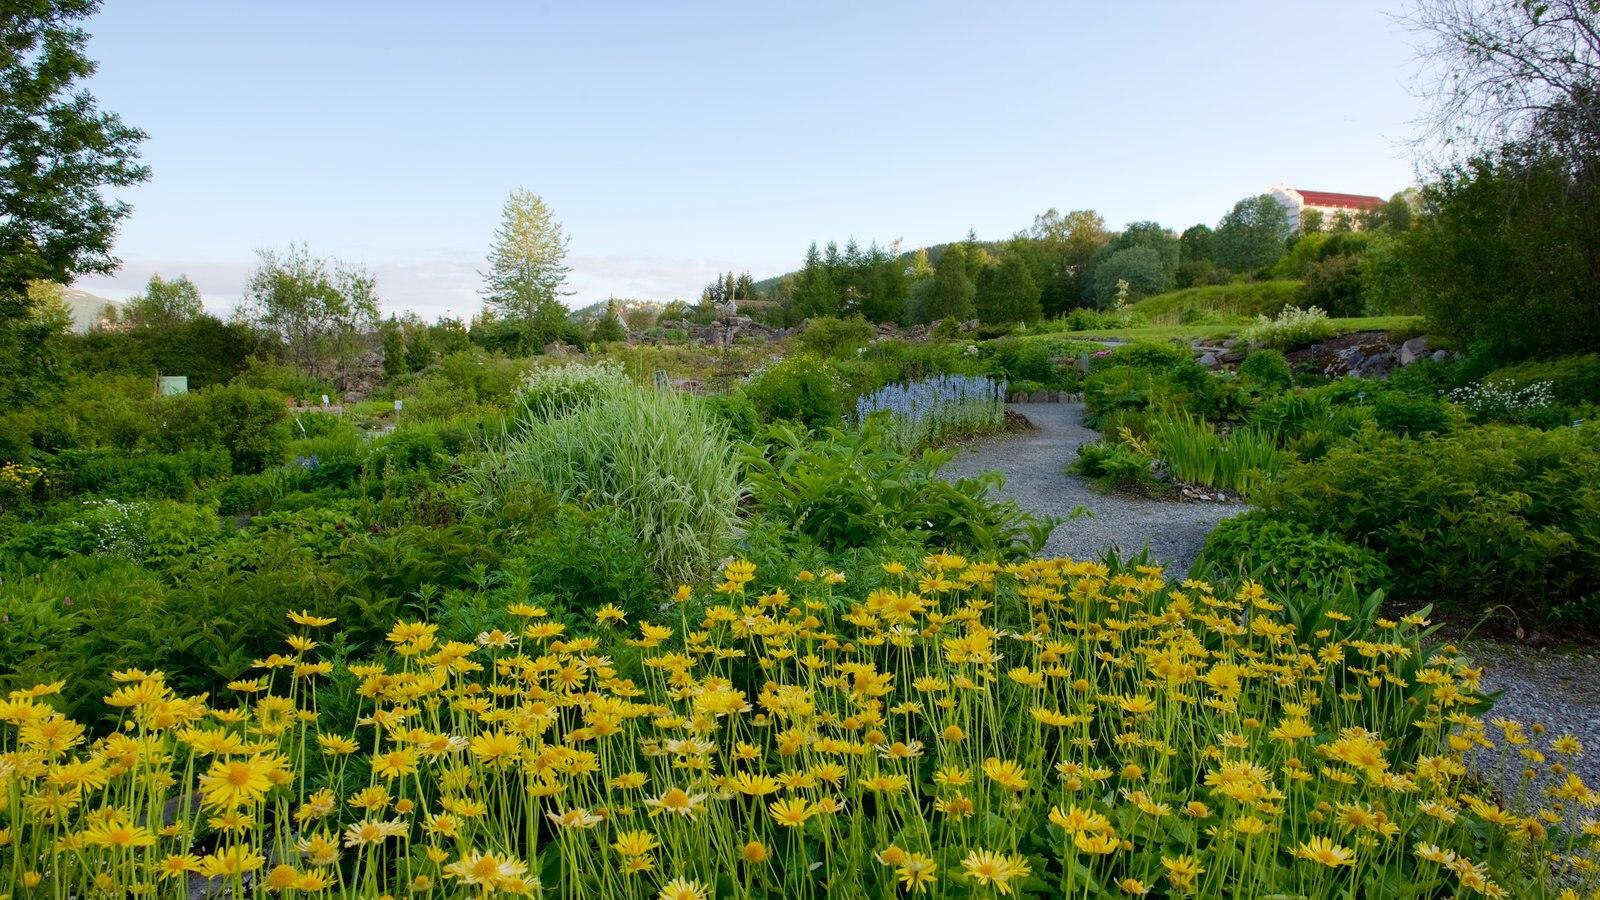 Arktisk alpin Botanisk hage que inclui um jardim e flores